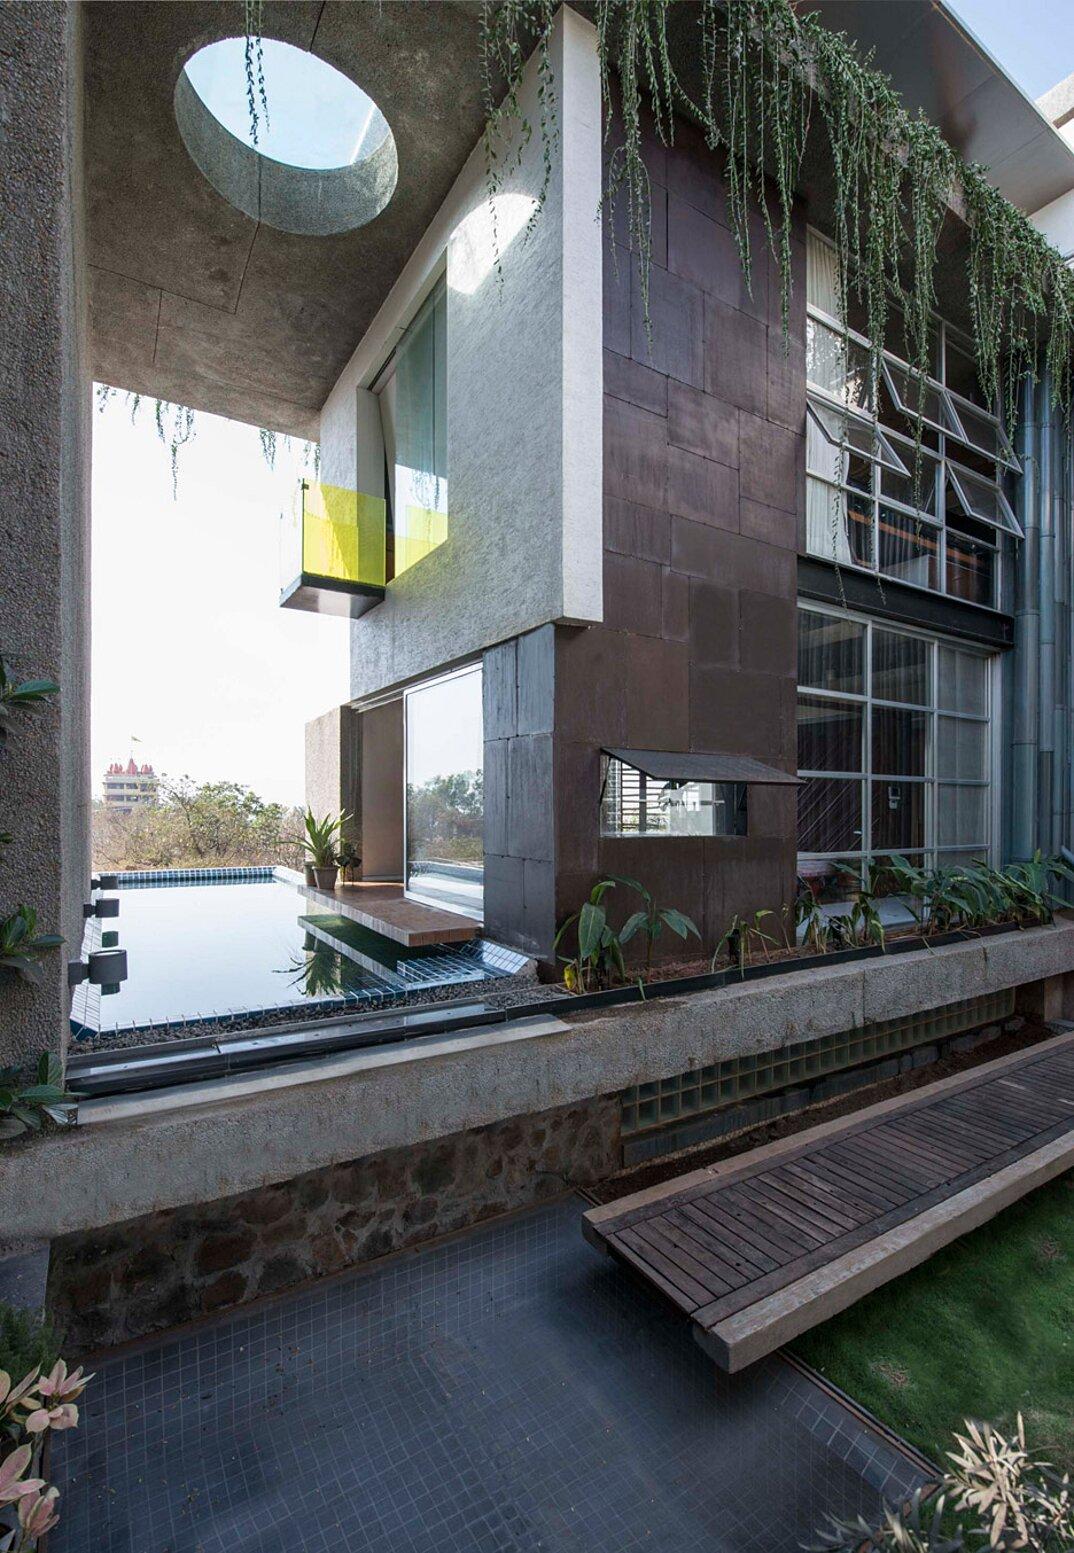 edificio-materiali-riciclati-architettura-sostenibile-mumbai-sps-architects-32